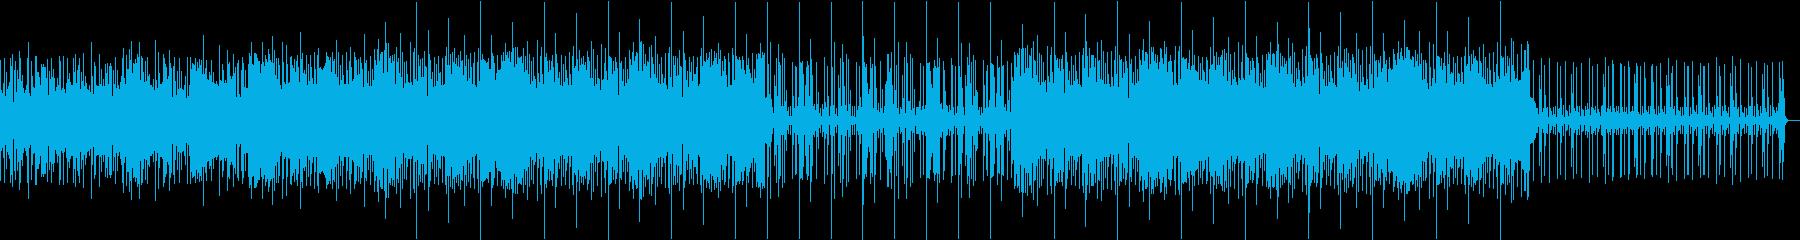 ビート感ありローファイヒップホップBGMの再生済みの波形